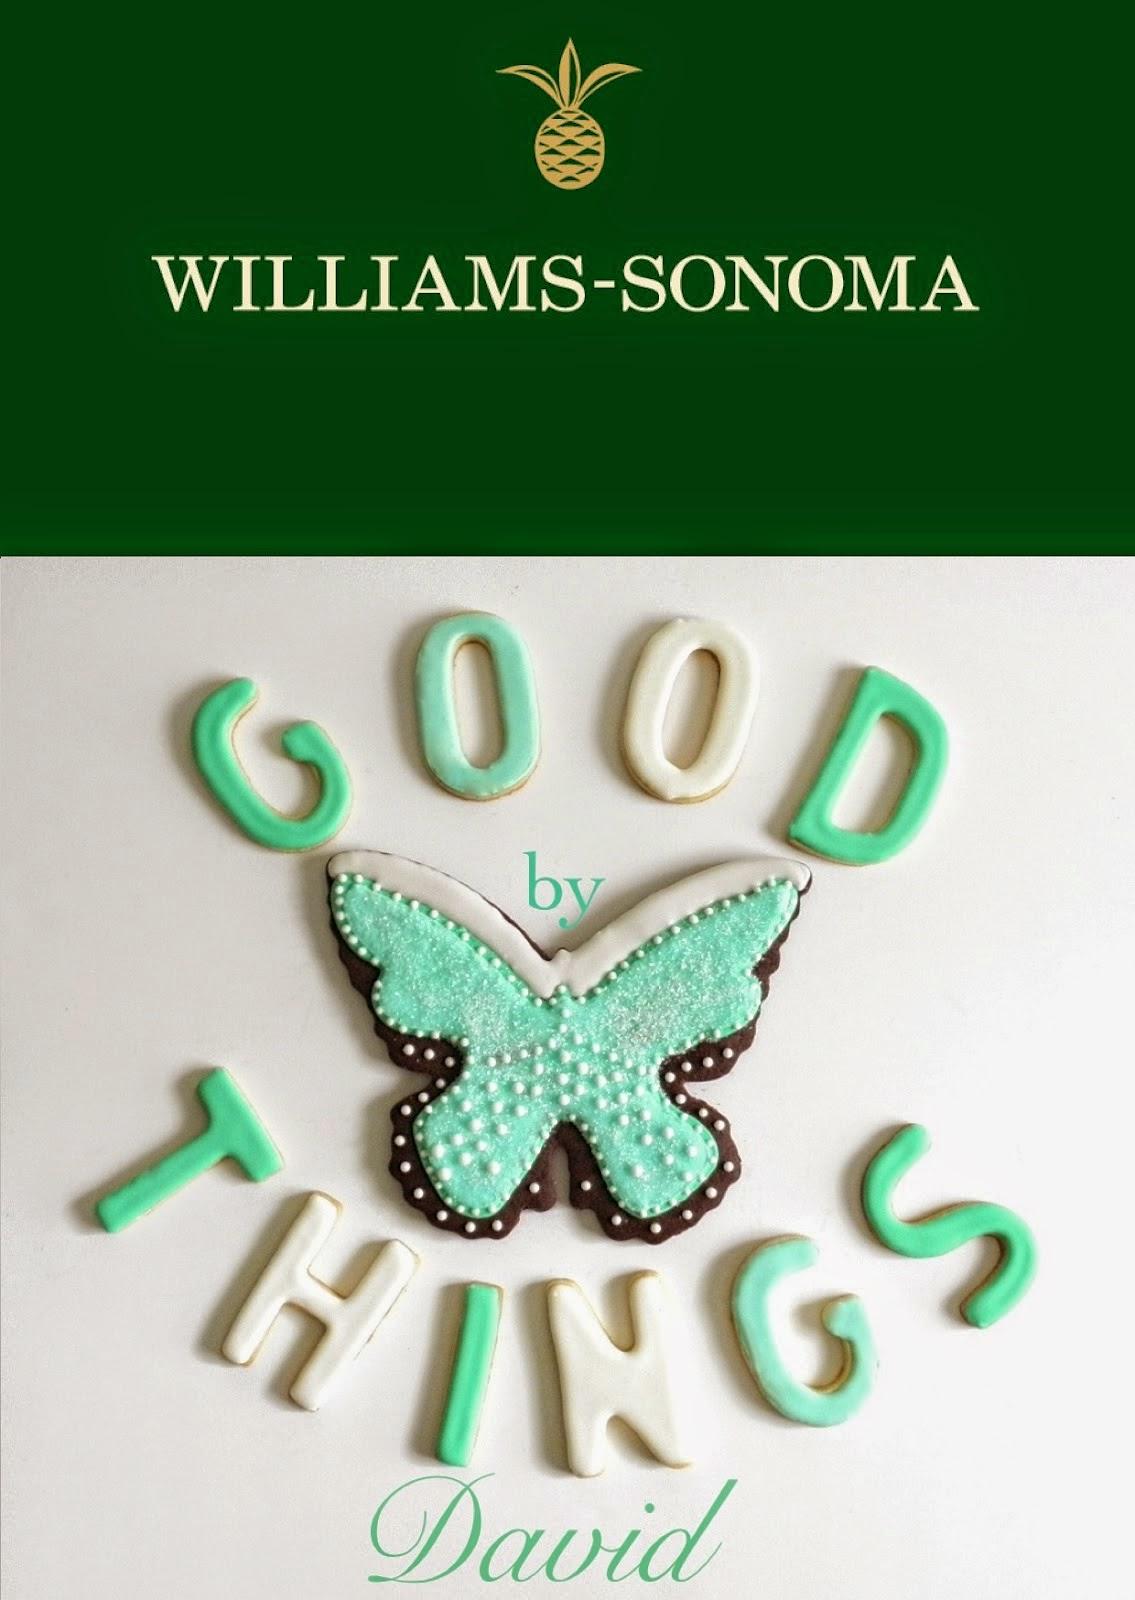 Williams Sonoma Demo!